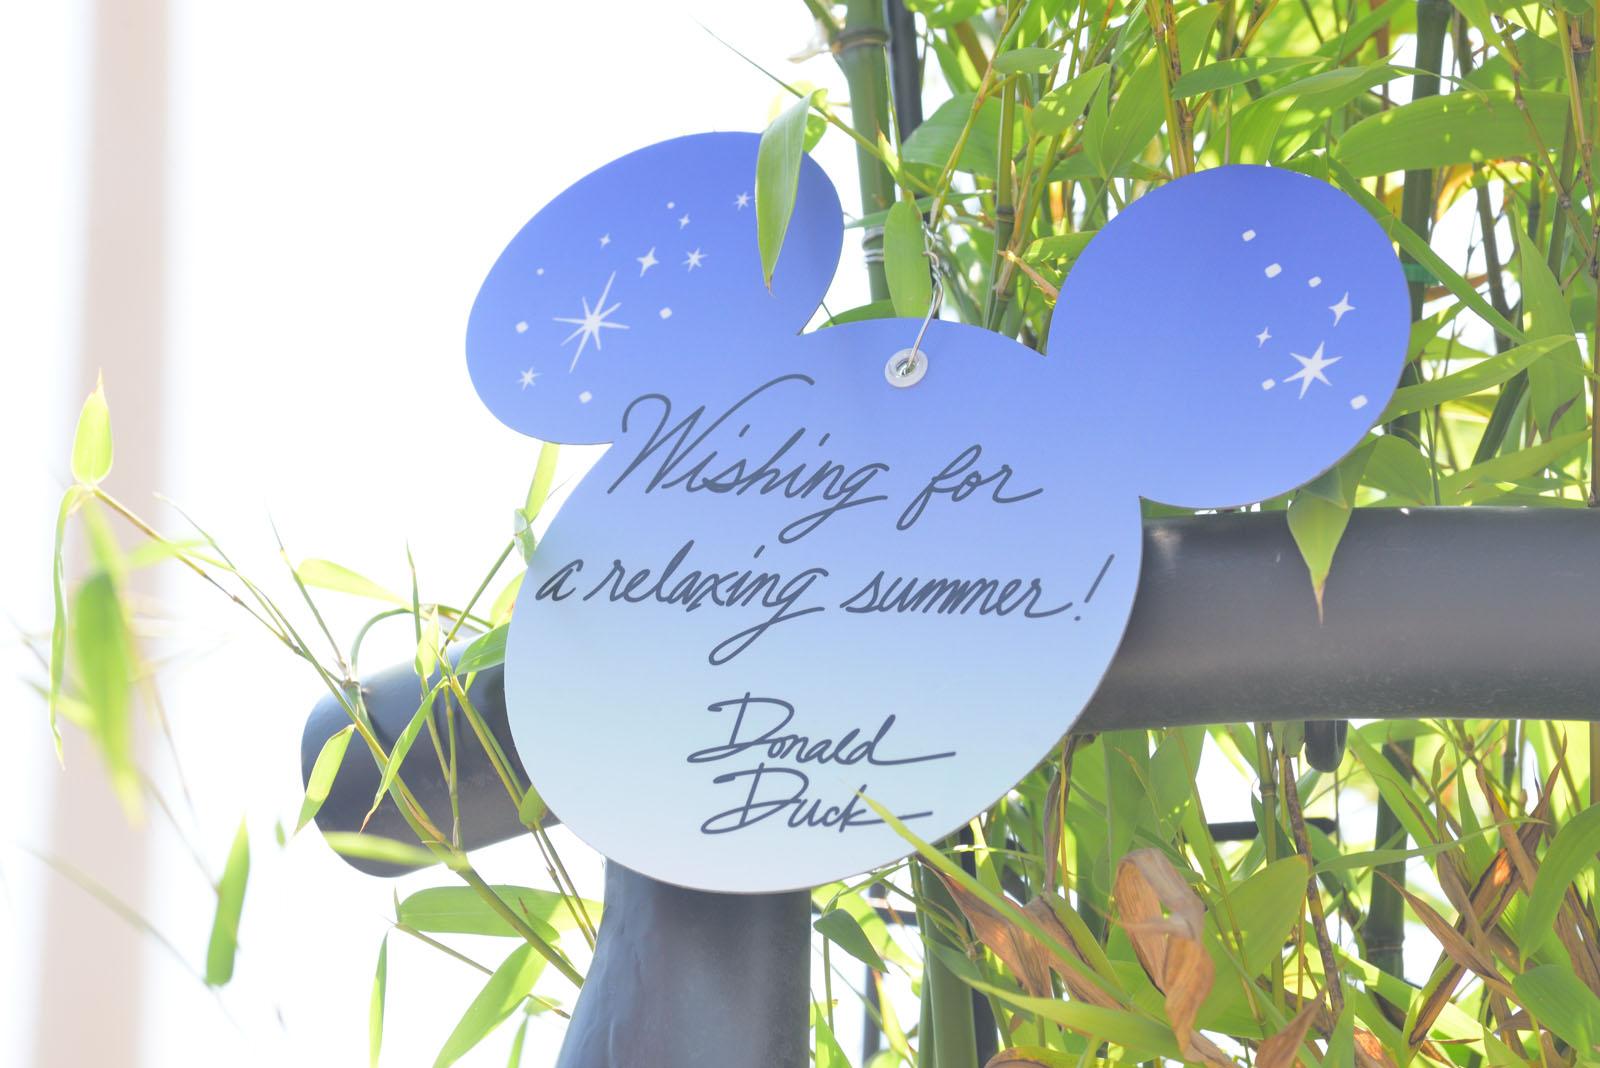 ディズニー七夕デイズ2019 ウィッシングプレイス ドナルドの短冊